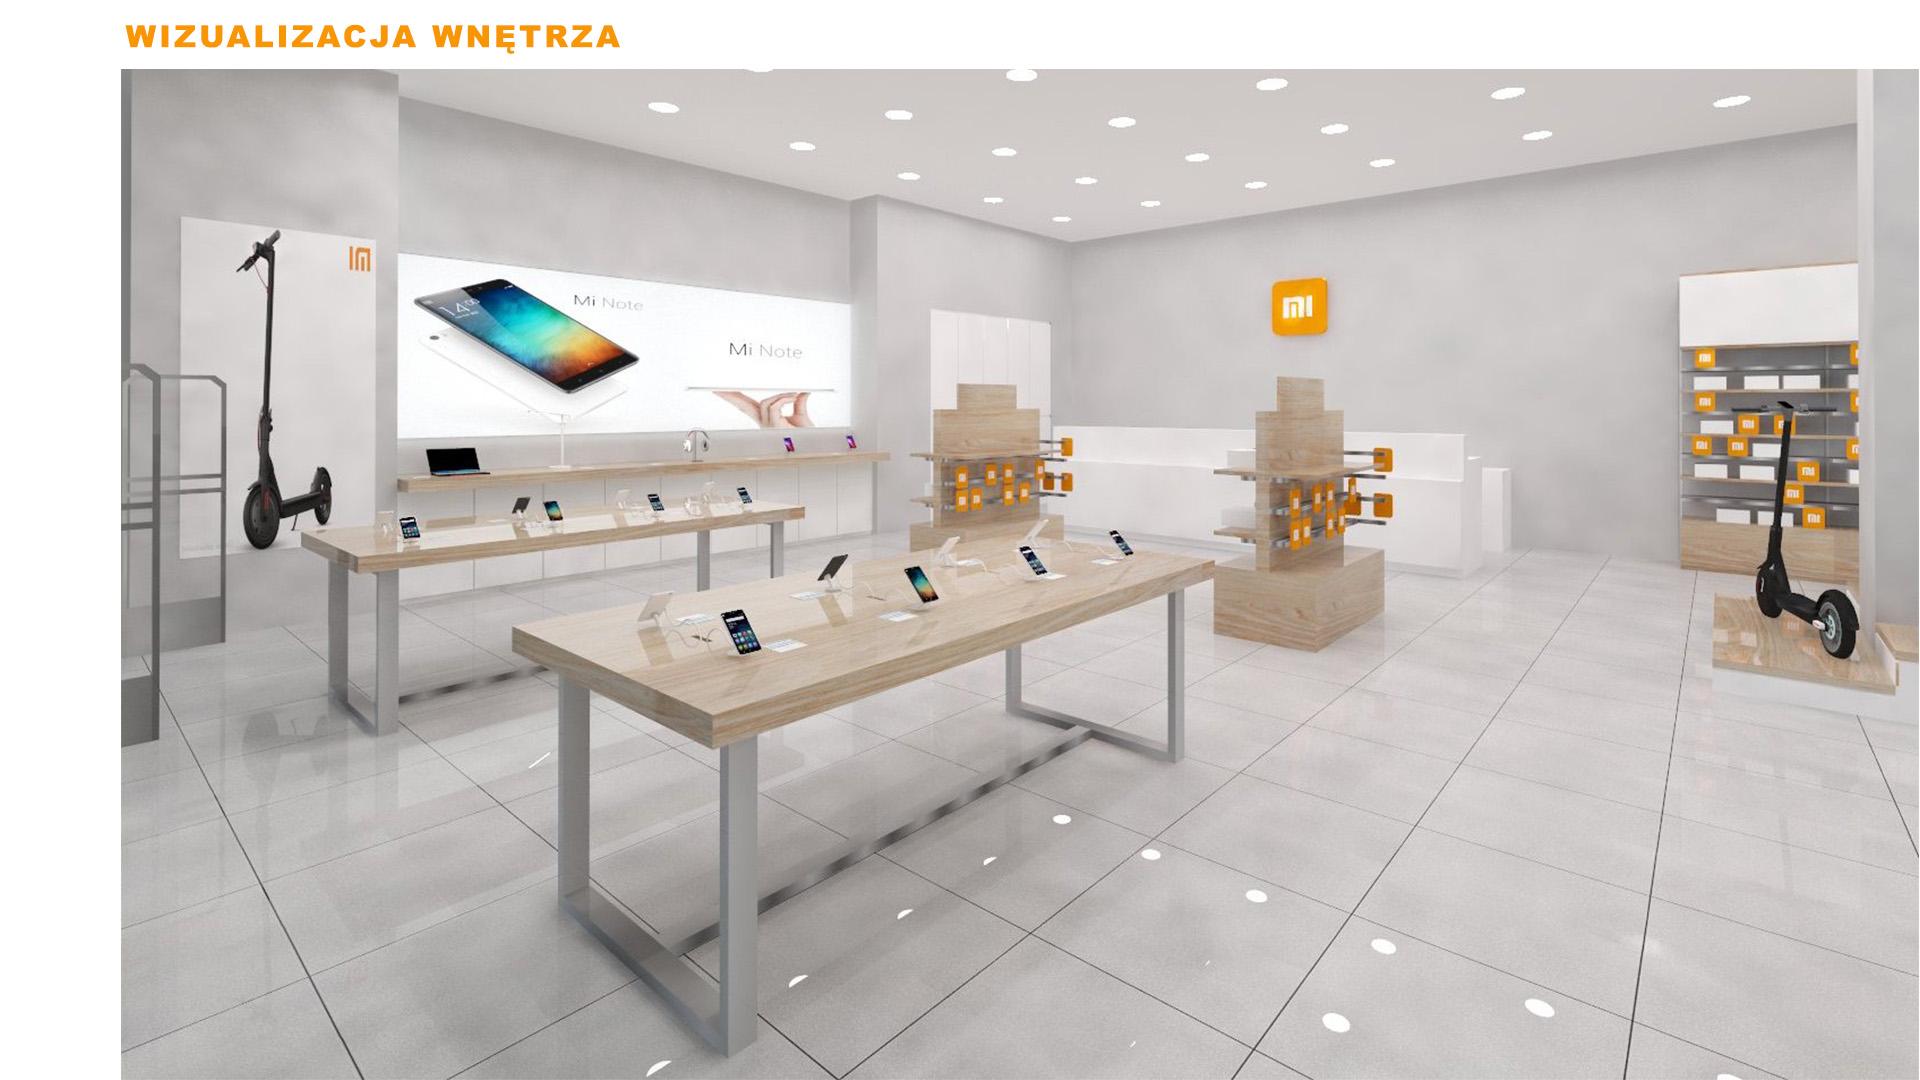 Mi-Store - Poznań - Centrum Posnania - wizualizacja wnętrza